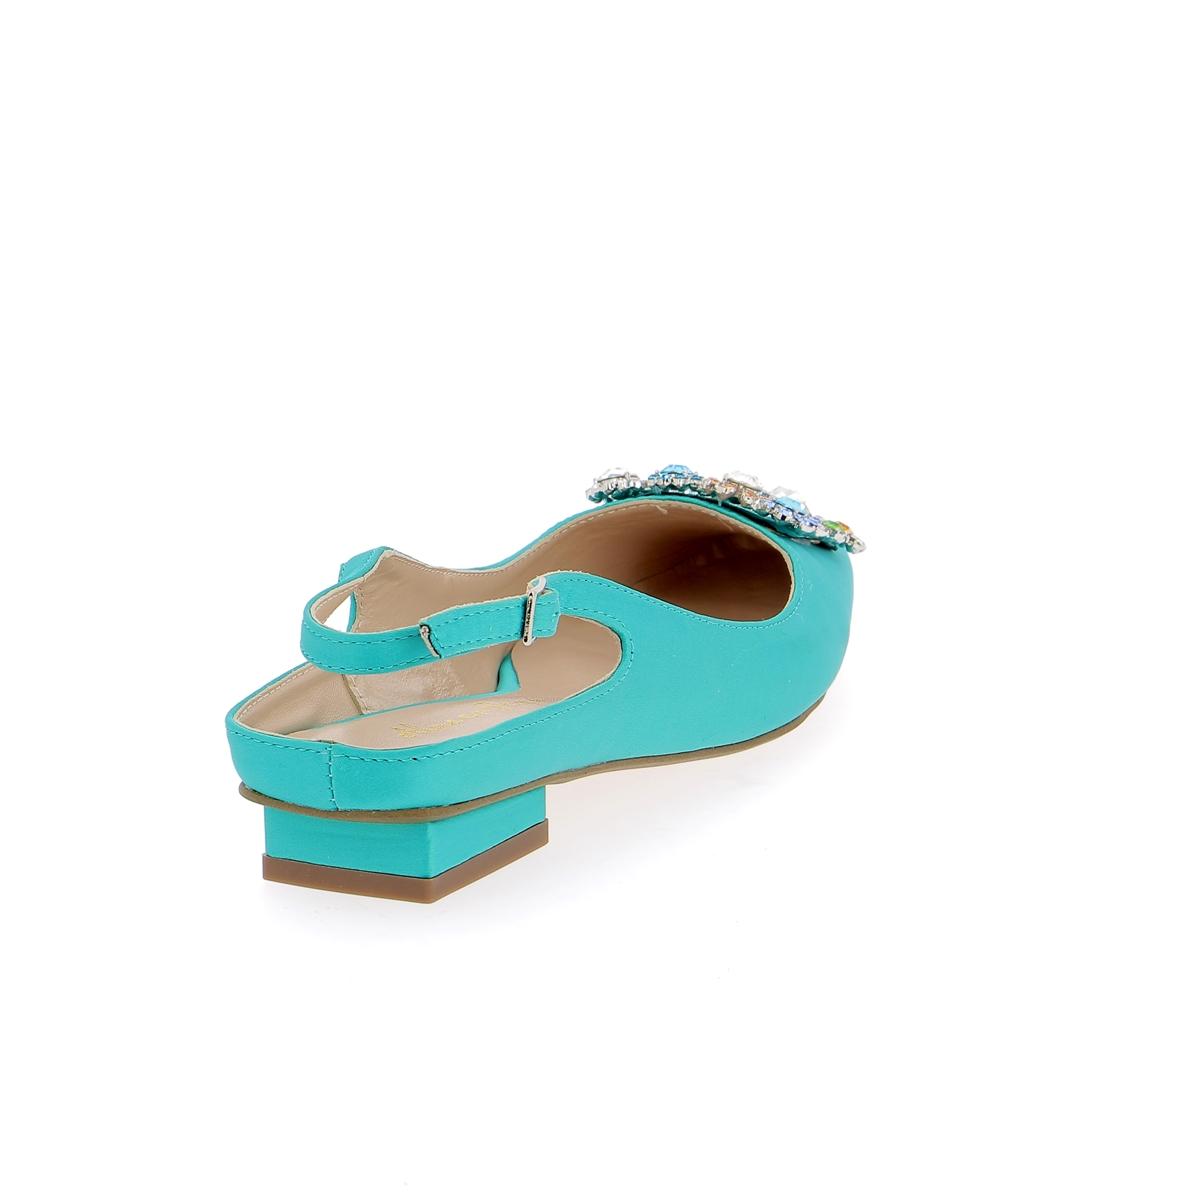 Alma En Pena Ballerinas turquoise